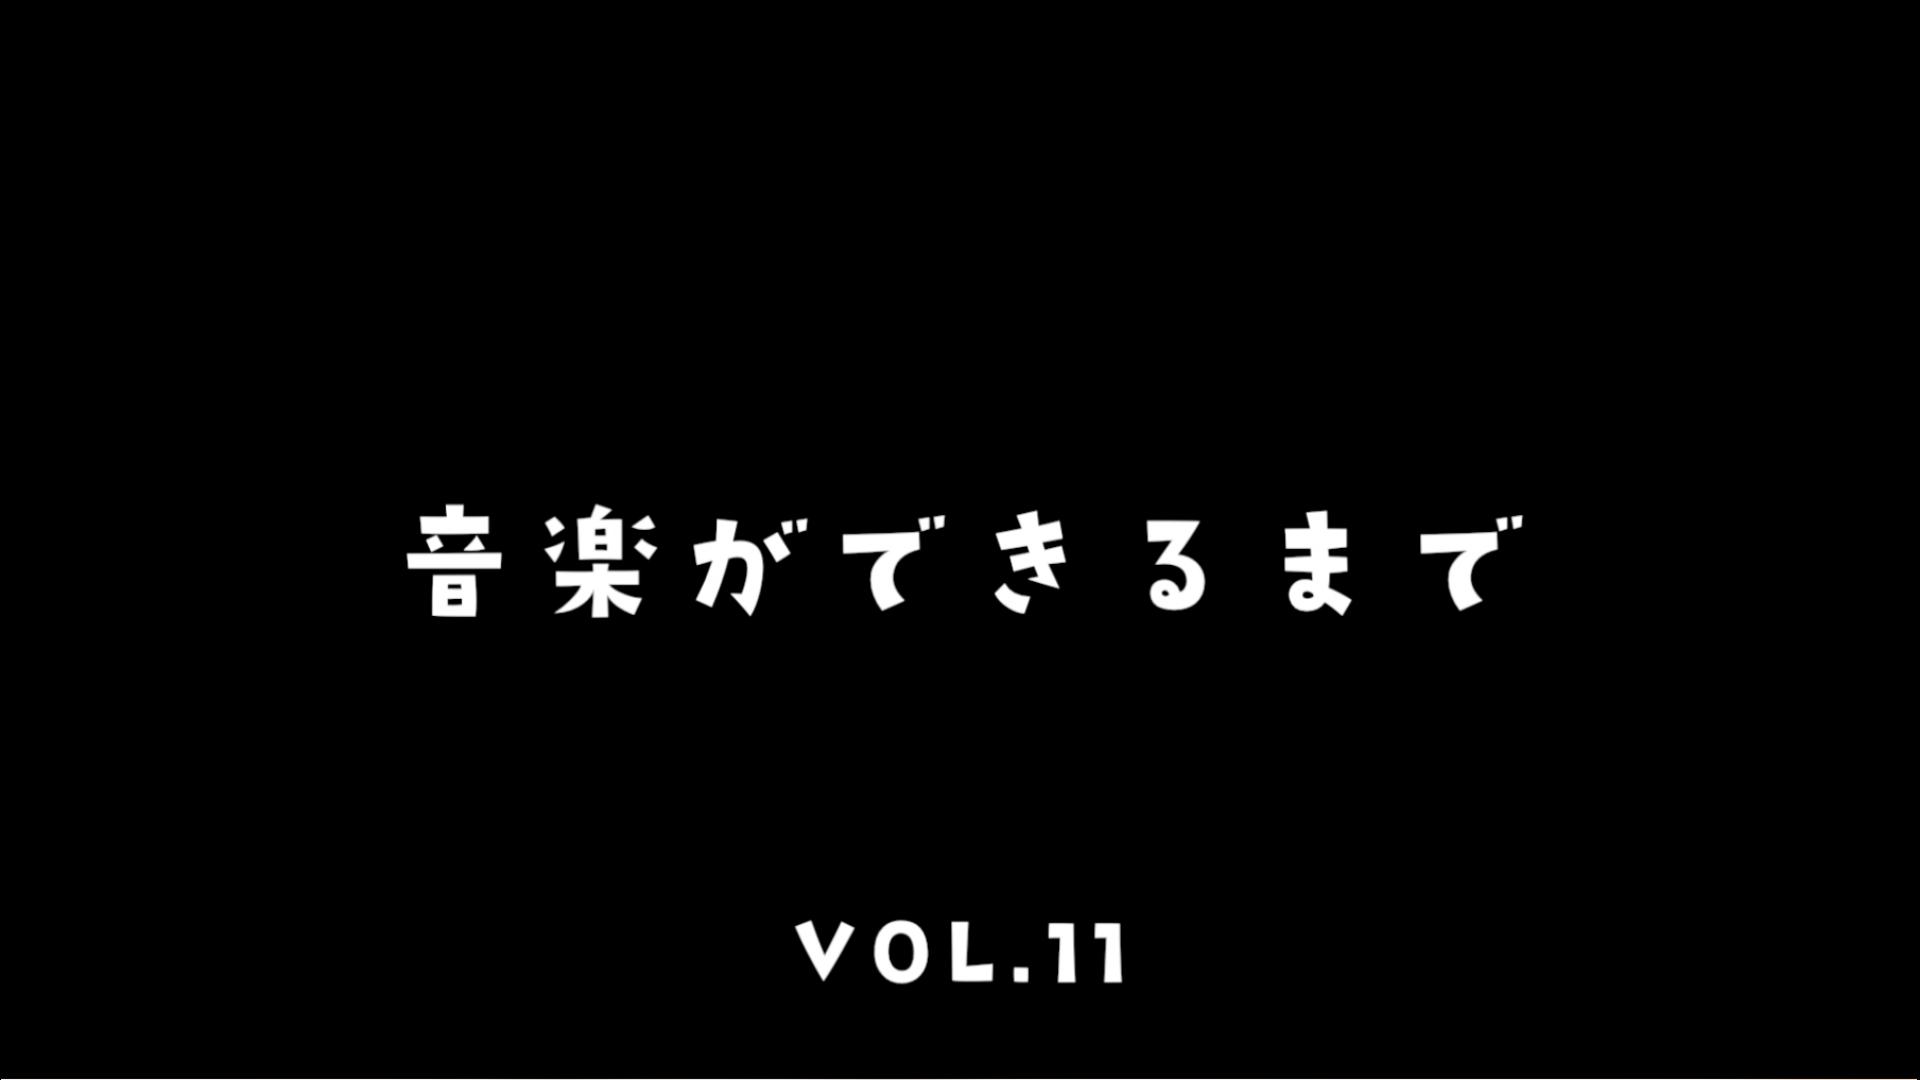 ~音楽ができるまで~ vol.11